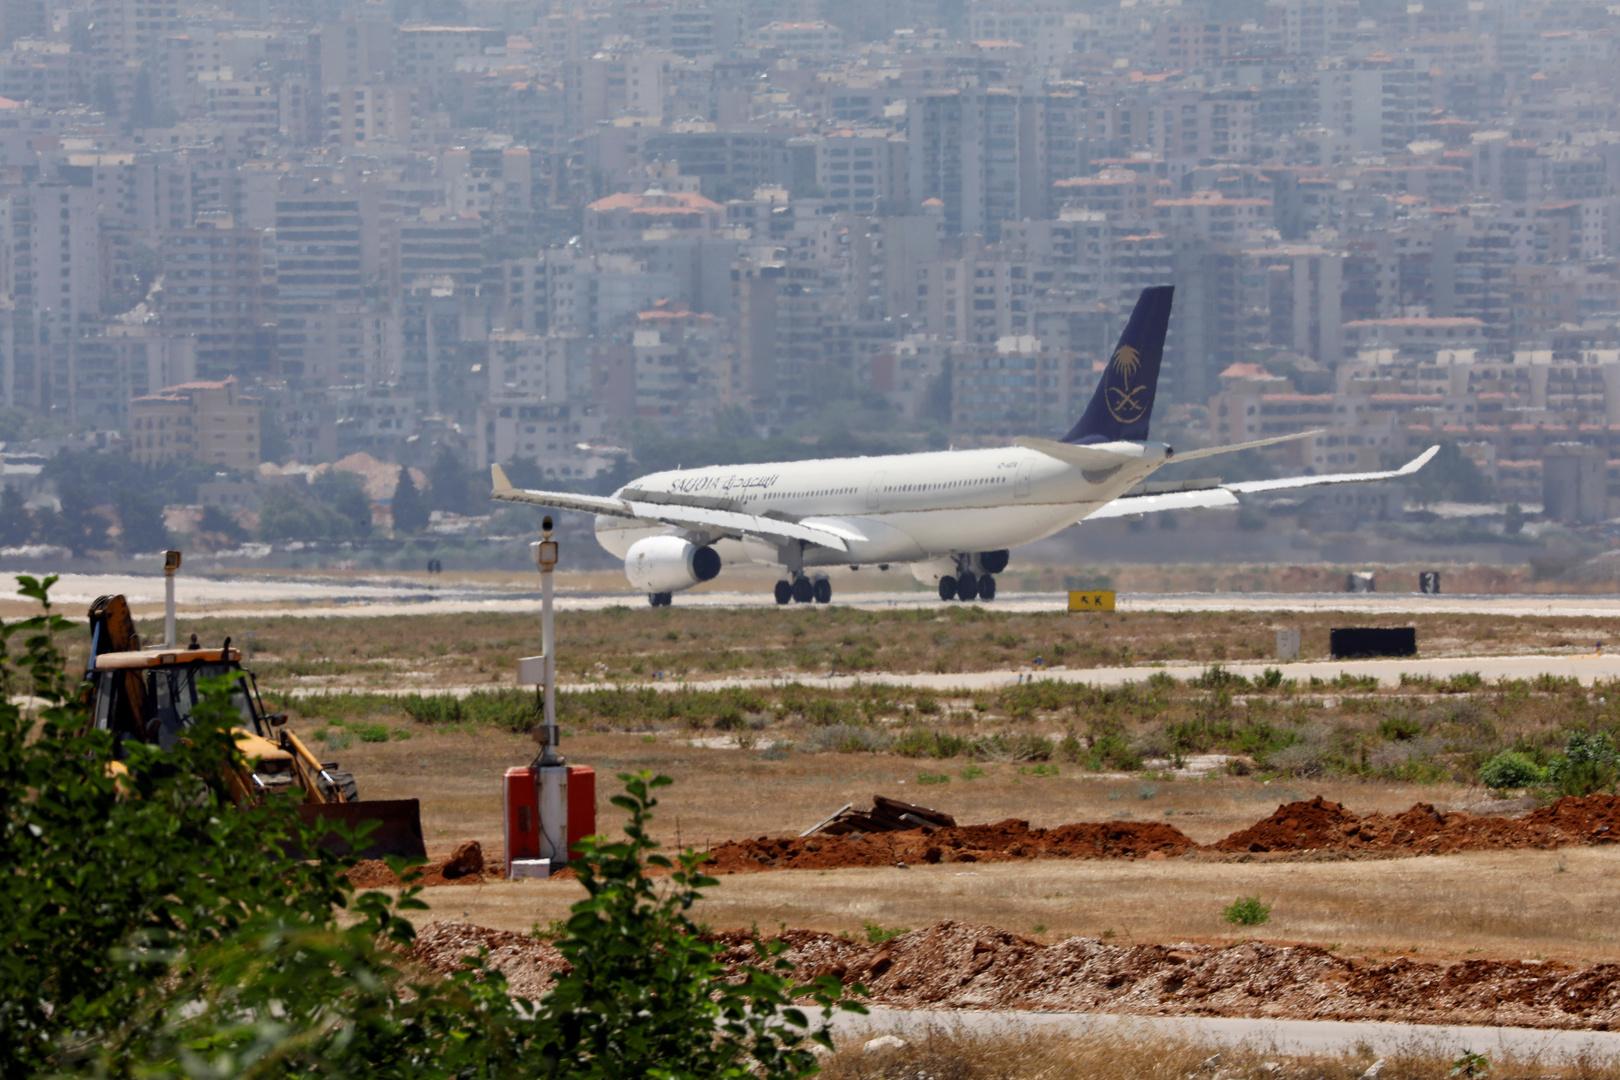 طائرة سعودية تحط بمطار بيروت، صورة تعبيرية من الأرشيف